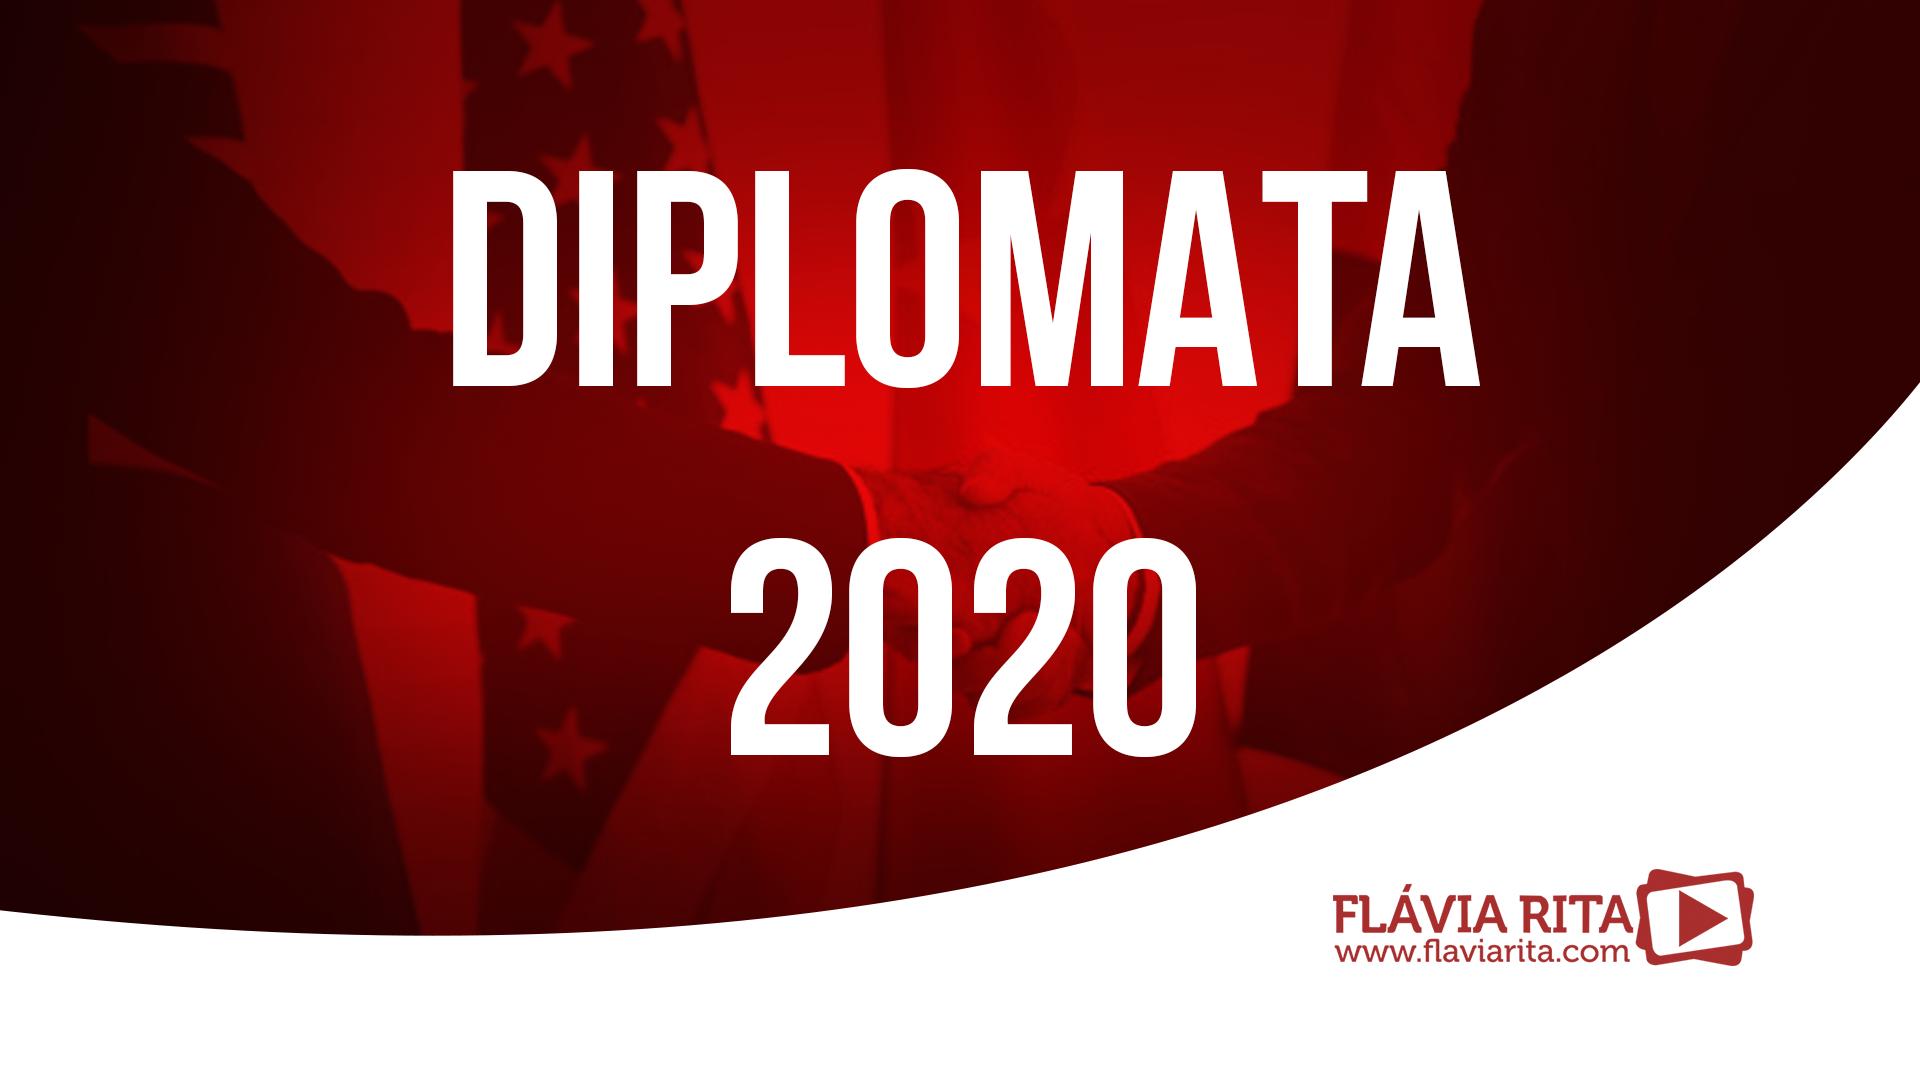 Concurso para Diplomata 2020